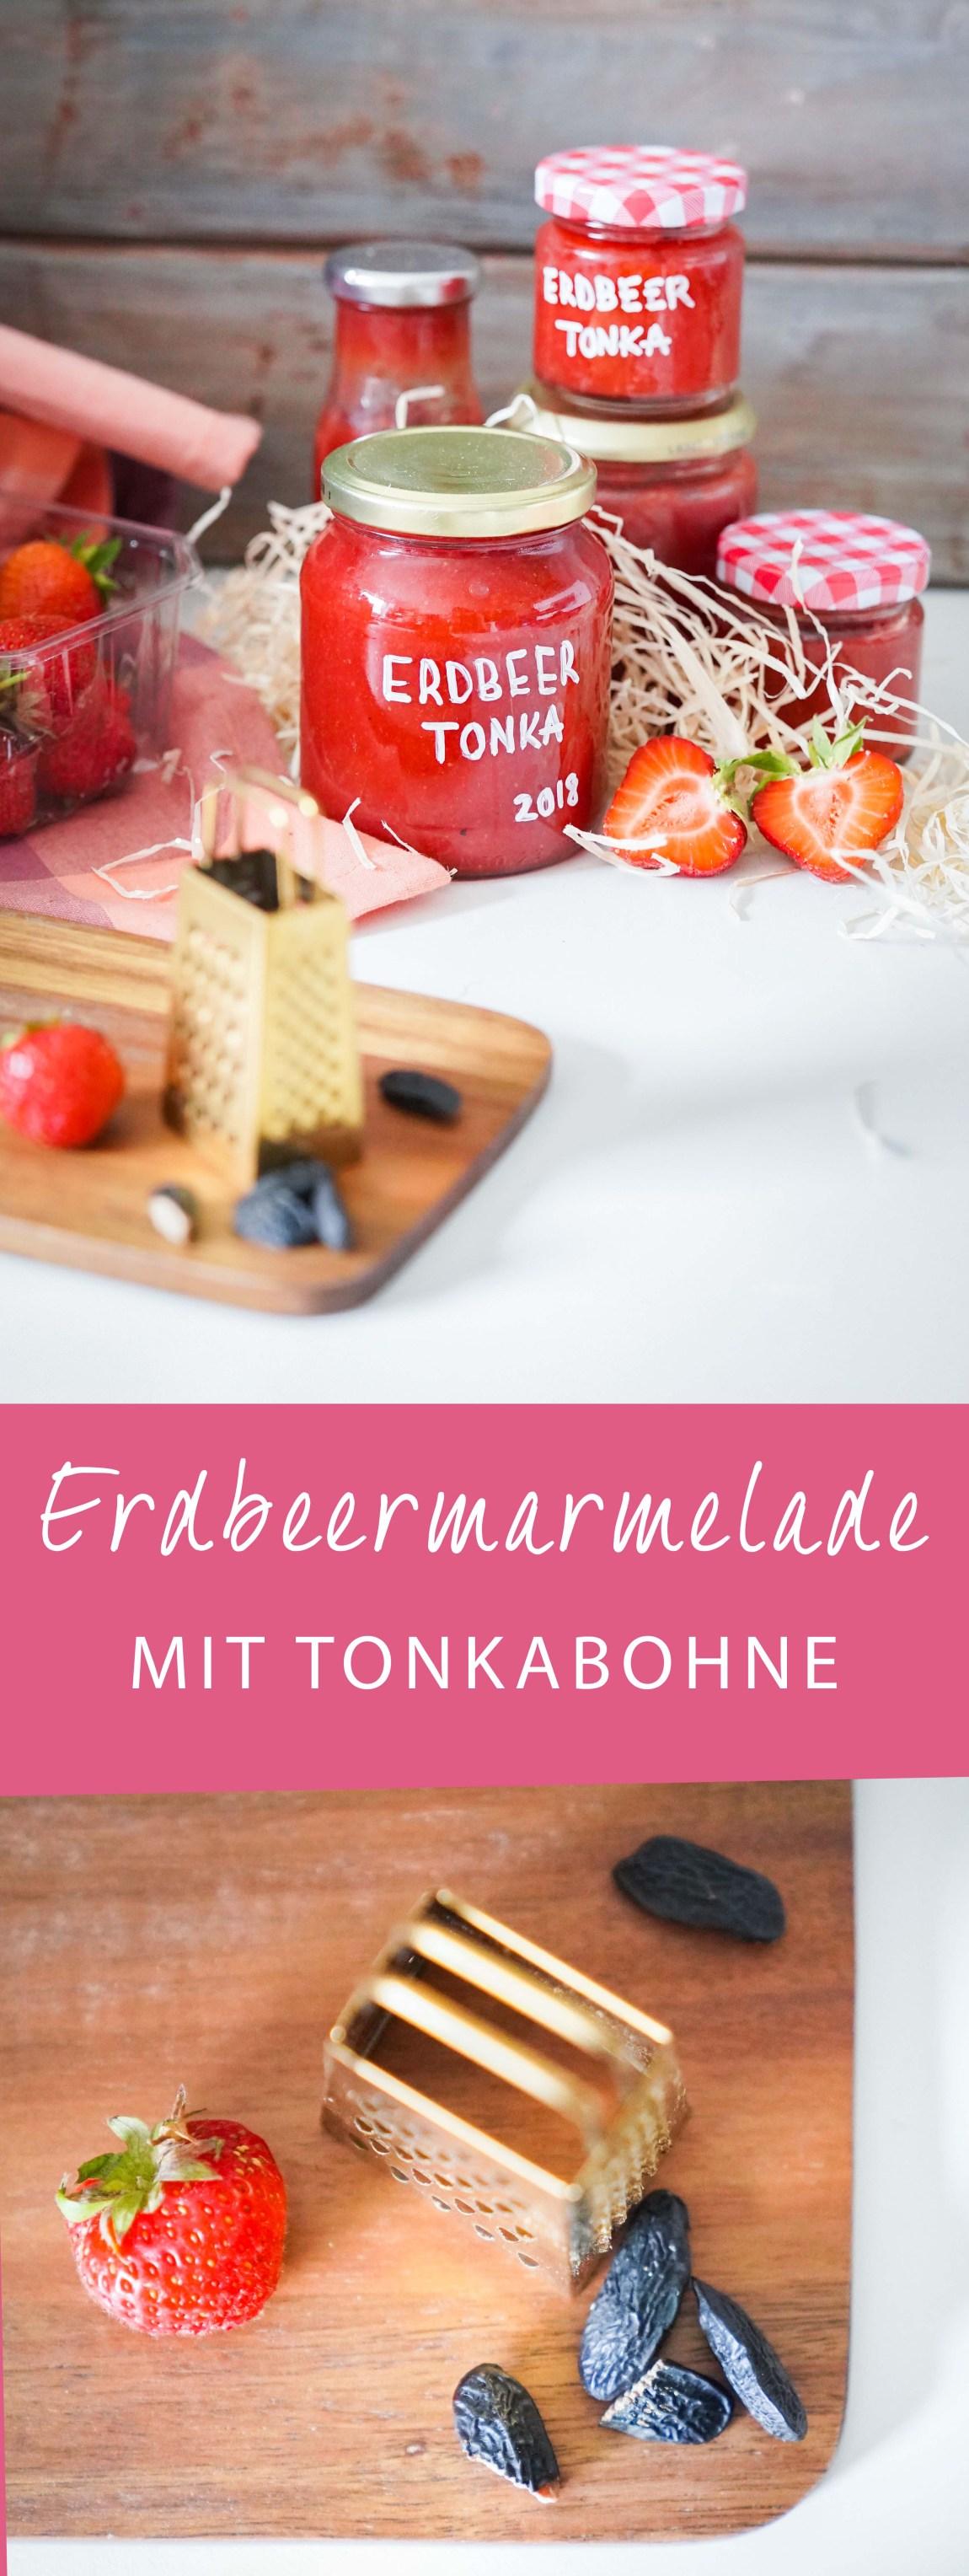 Mein Rezept zum selbermachen von Erdbeermarmelade ist super leicht, mit wenig Zucker und trotzdem etwas besonderes. Ich koche nämlich immer Erdbeermarmelade mit Tonkabohne und habe das Rezept für euch auf dem Blog. | ichsowirso.de